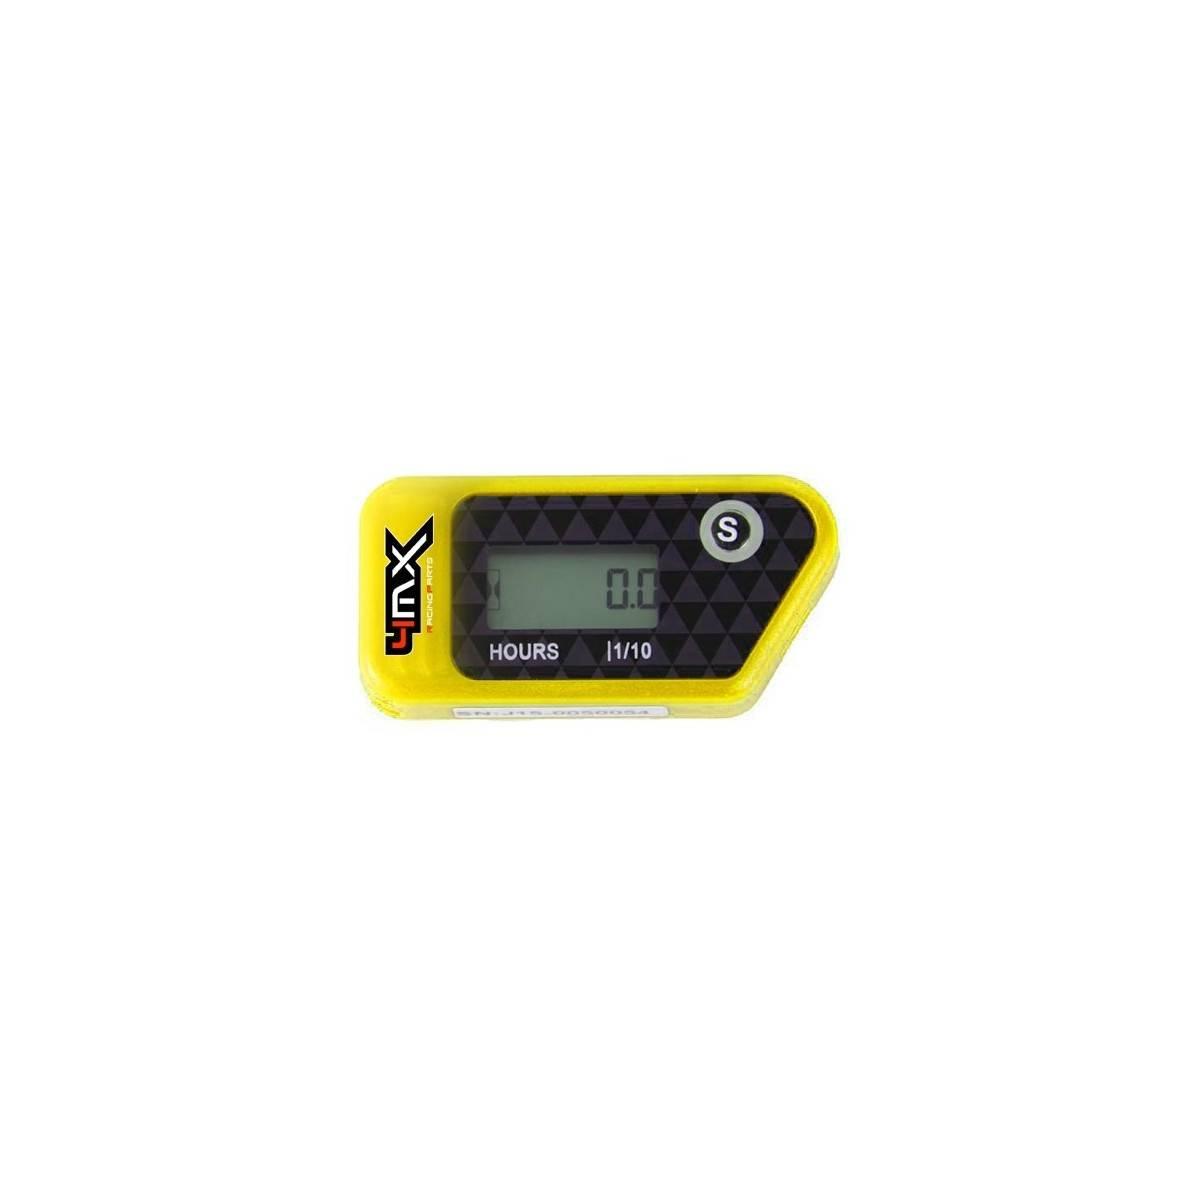 4MXWHM-AM - Reloj Cuenta Horas 4Mx Vibracion Amarillo